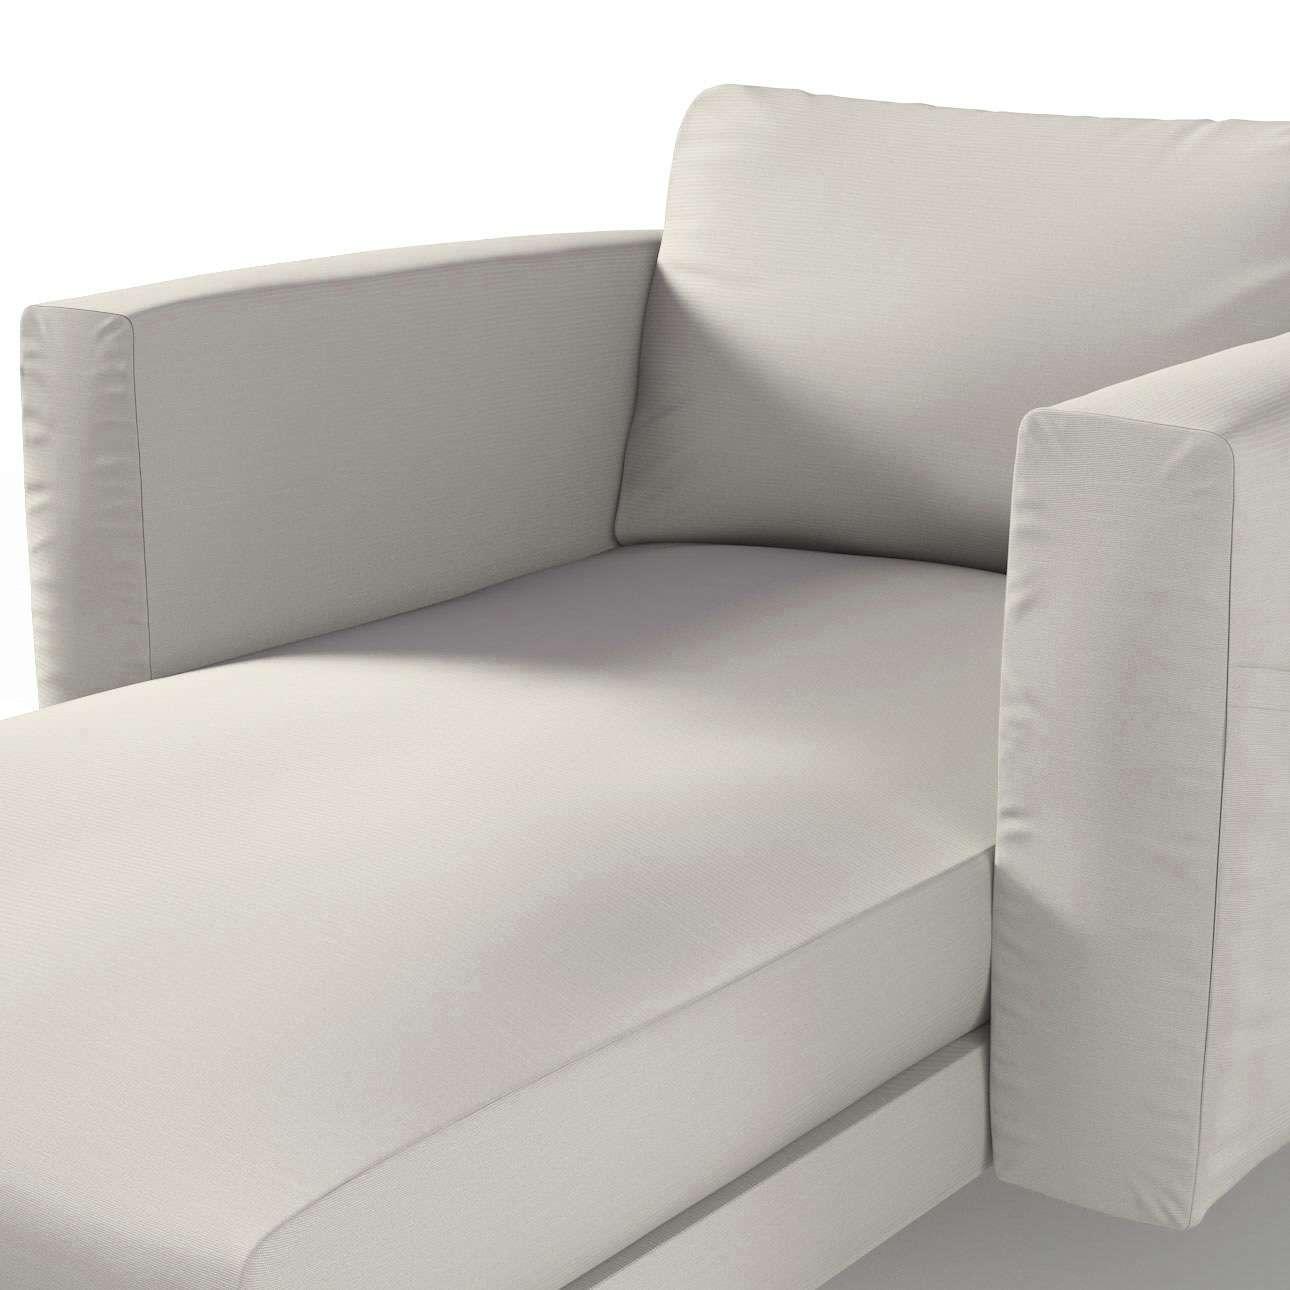 Pokrowiec na szezlong Norsborg z podłokietnikami w kolekcji Cotton Panama, tkanina: 702-31